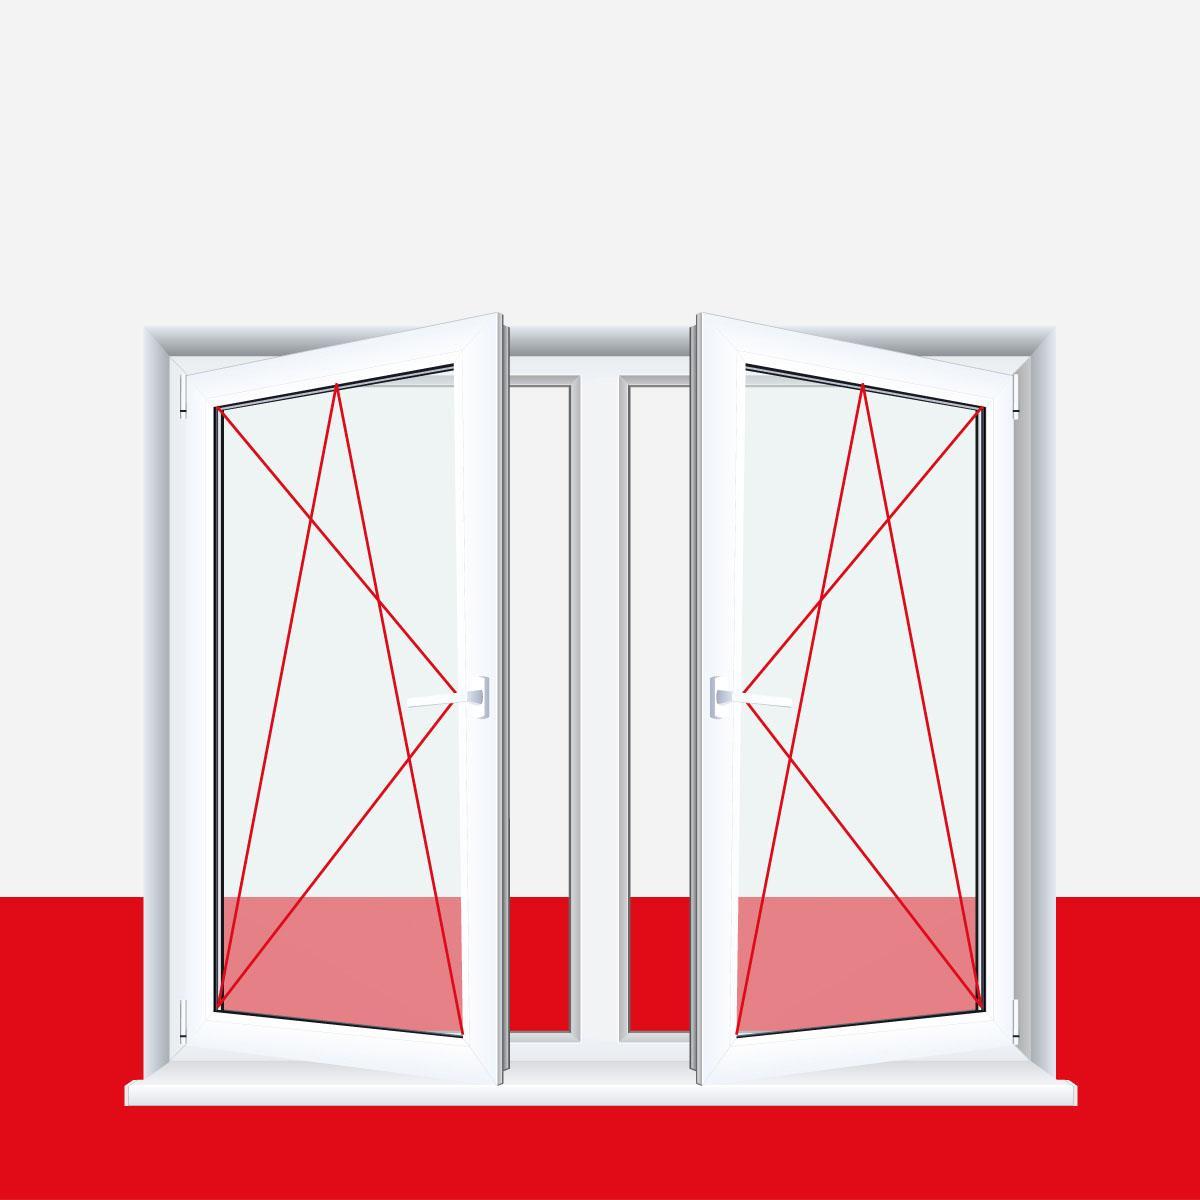 Kunststofffenster grau  2-flügliges Kunststofffenster Grau Dreh-Kipp / Dreh-Kipp mit ...